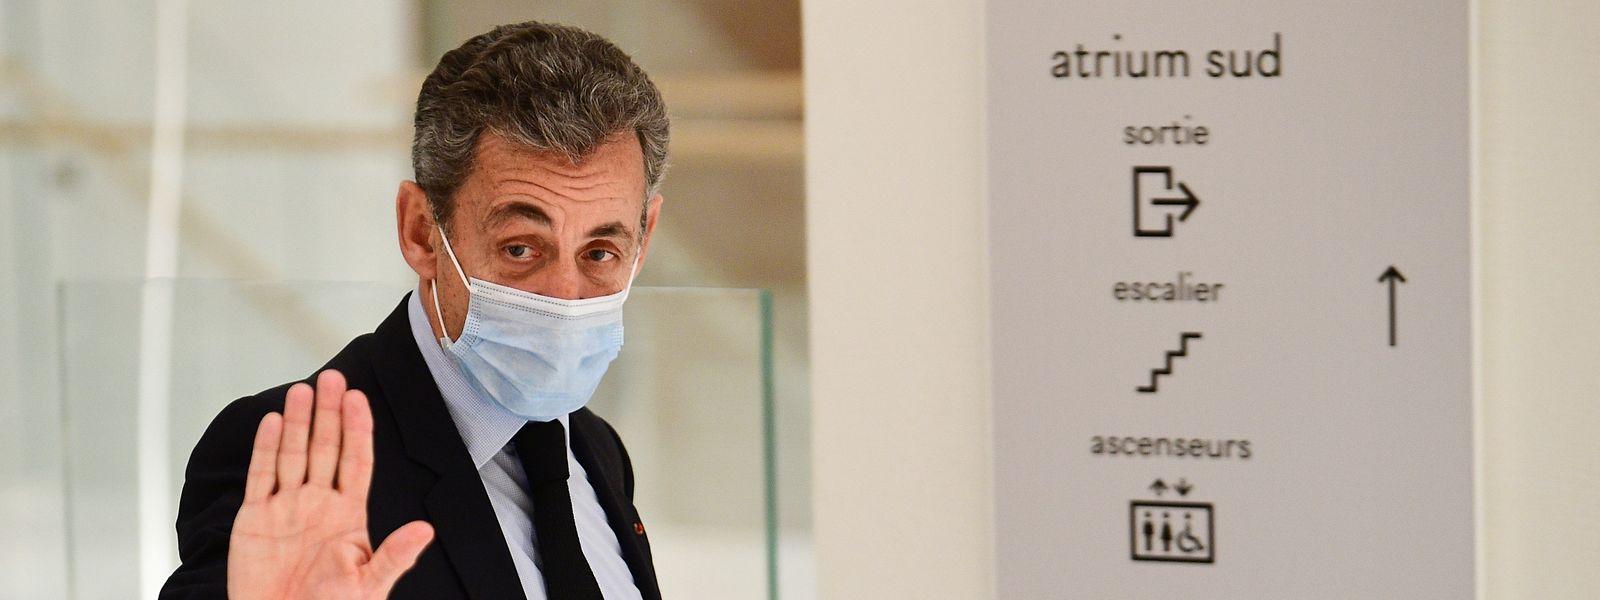 Sarkozy am Dienstag beim Verlassen des Gerichtsgebäudes.